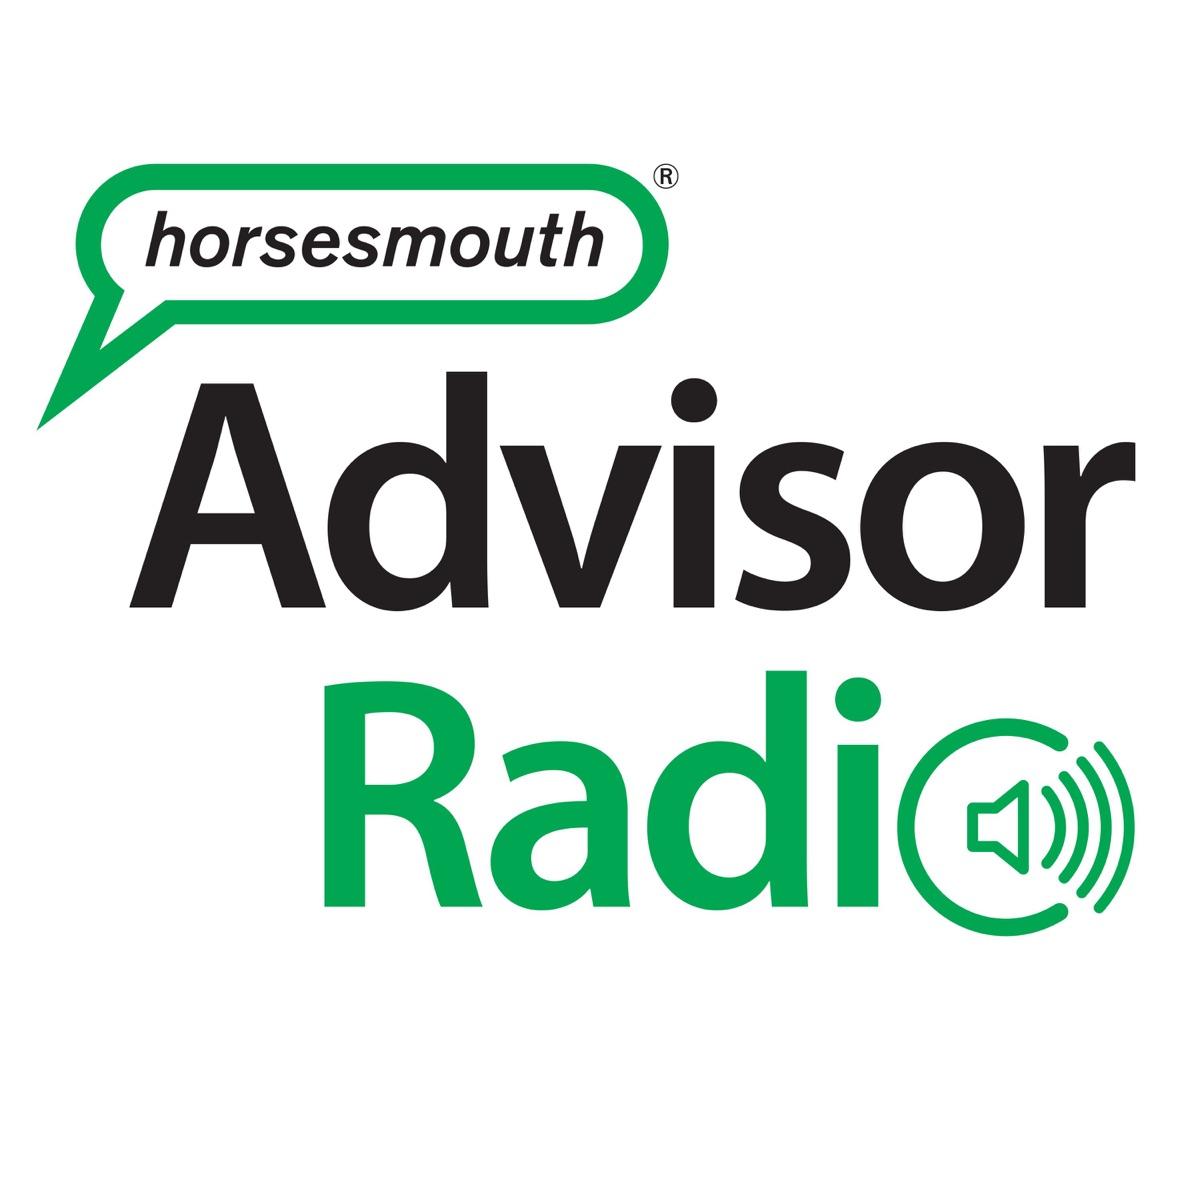 AdvisorRadio Podcast for Financial Advisors by Horsesmouth